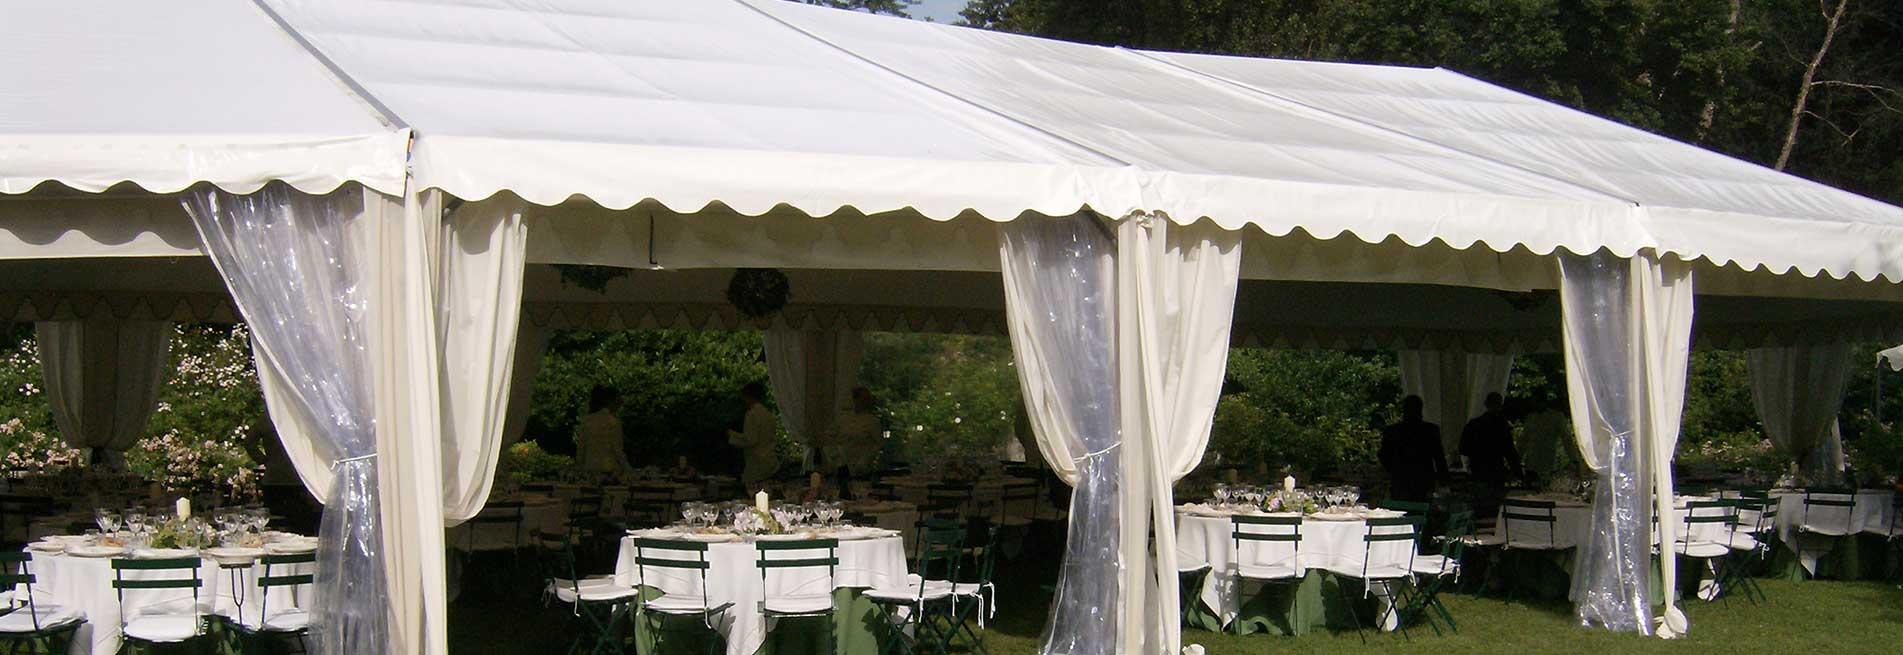 Arredi per esterno ed interno - Catering e Banqueting Torino BON TON Pietrini